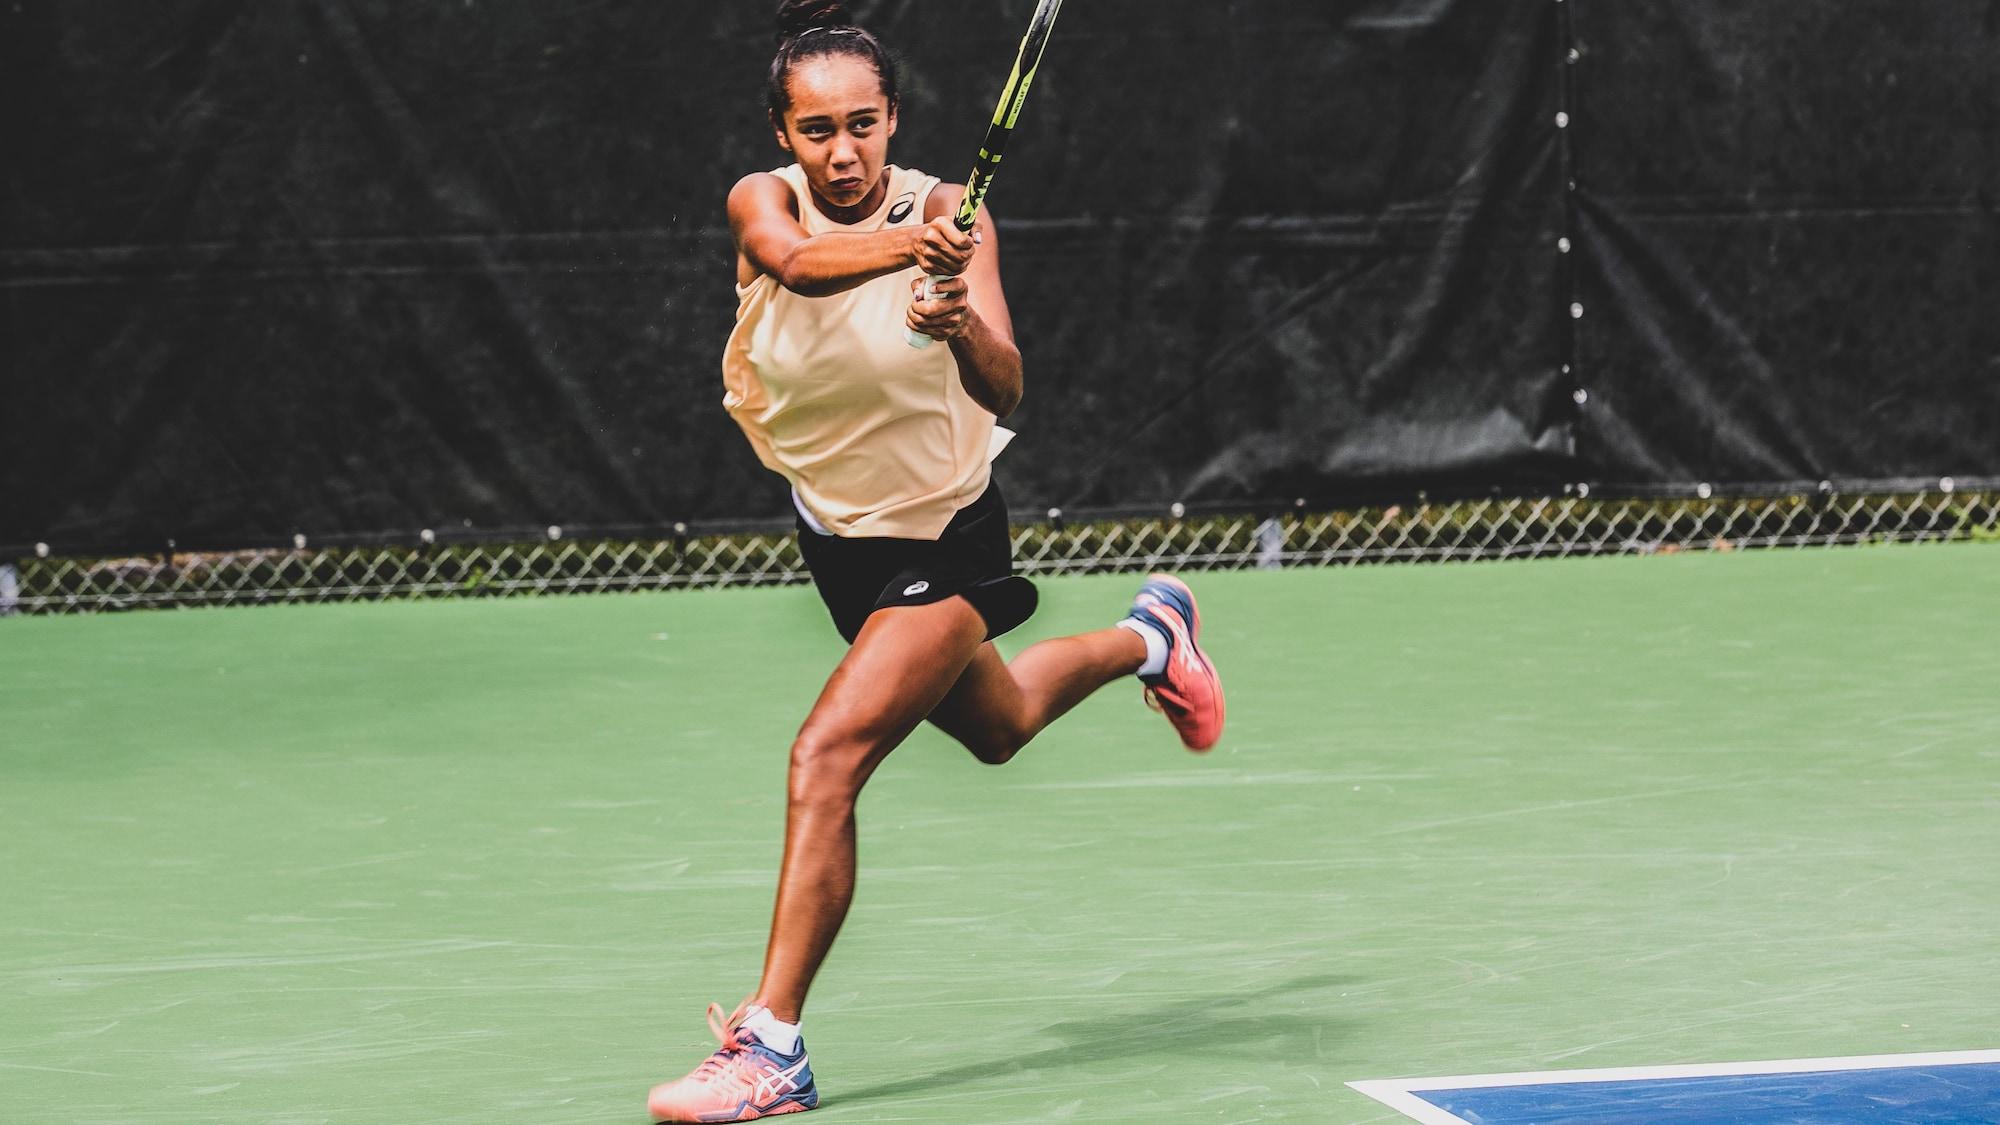 Leylah Annie Fernandez frappe une balle pendant une séance d'entraînement.